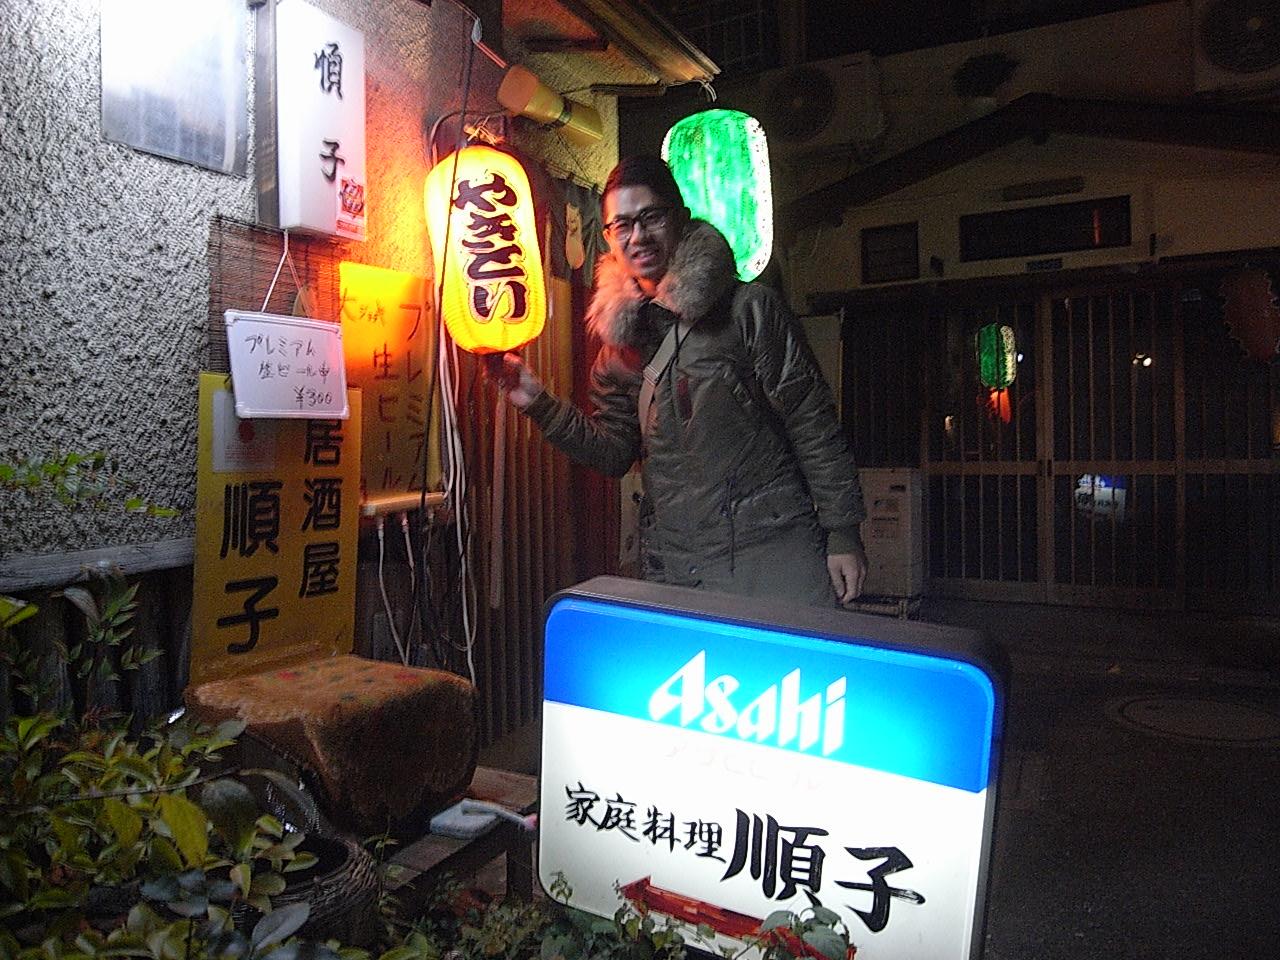 「Midnight Dejavu」@キネマ倶楽部_e0230090_23572657.jpg